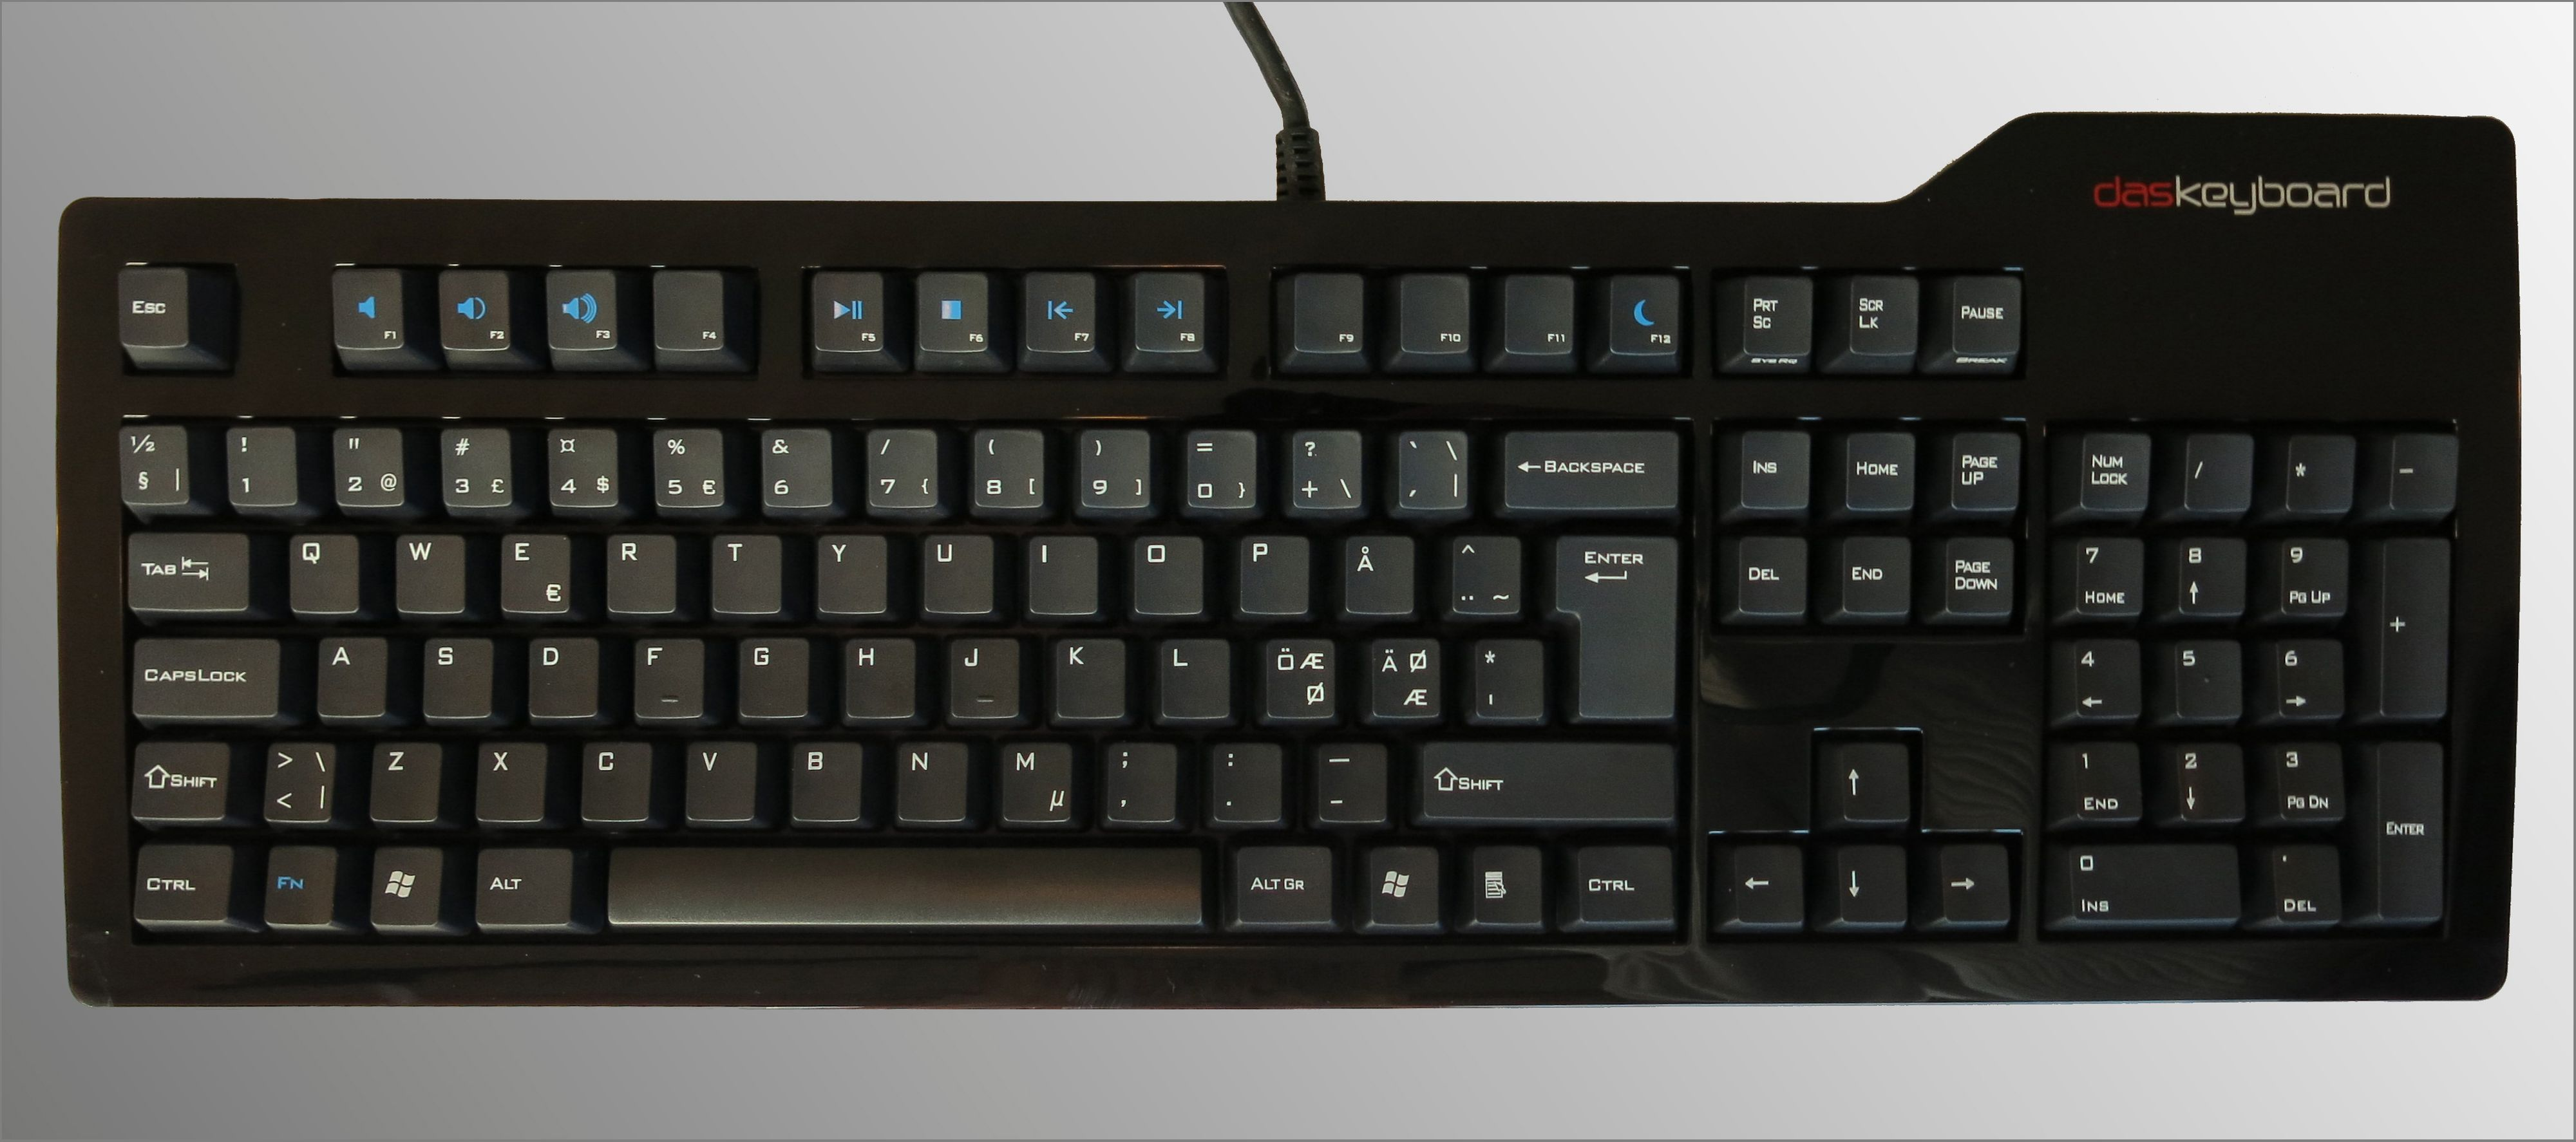 Das Keyboard Model S Professional. Foto: Torstein Sørnes, Hardware.no